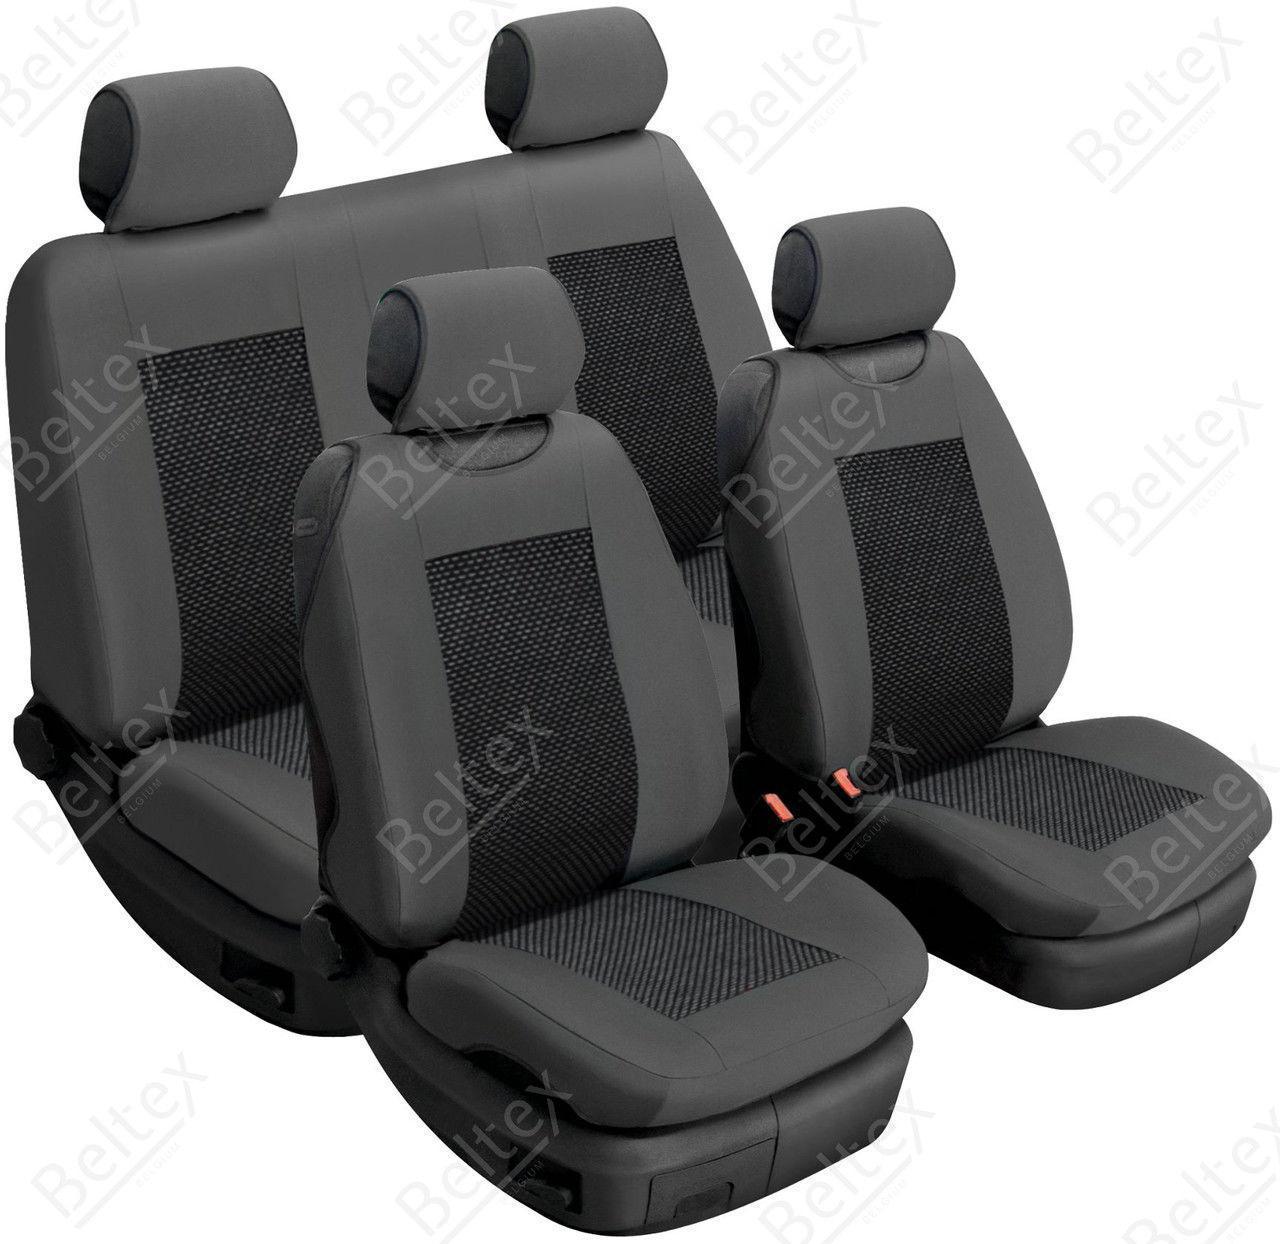 Майки/чехлы на сиденья Тойота Королла (Toyota Corolla)